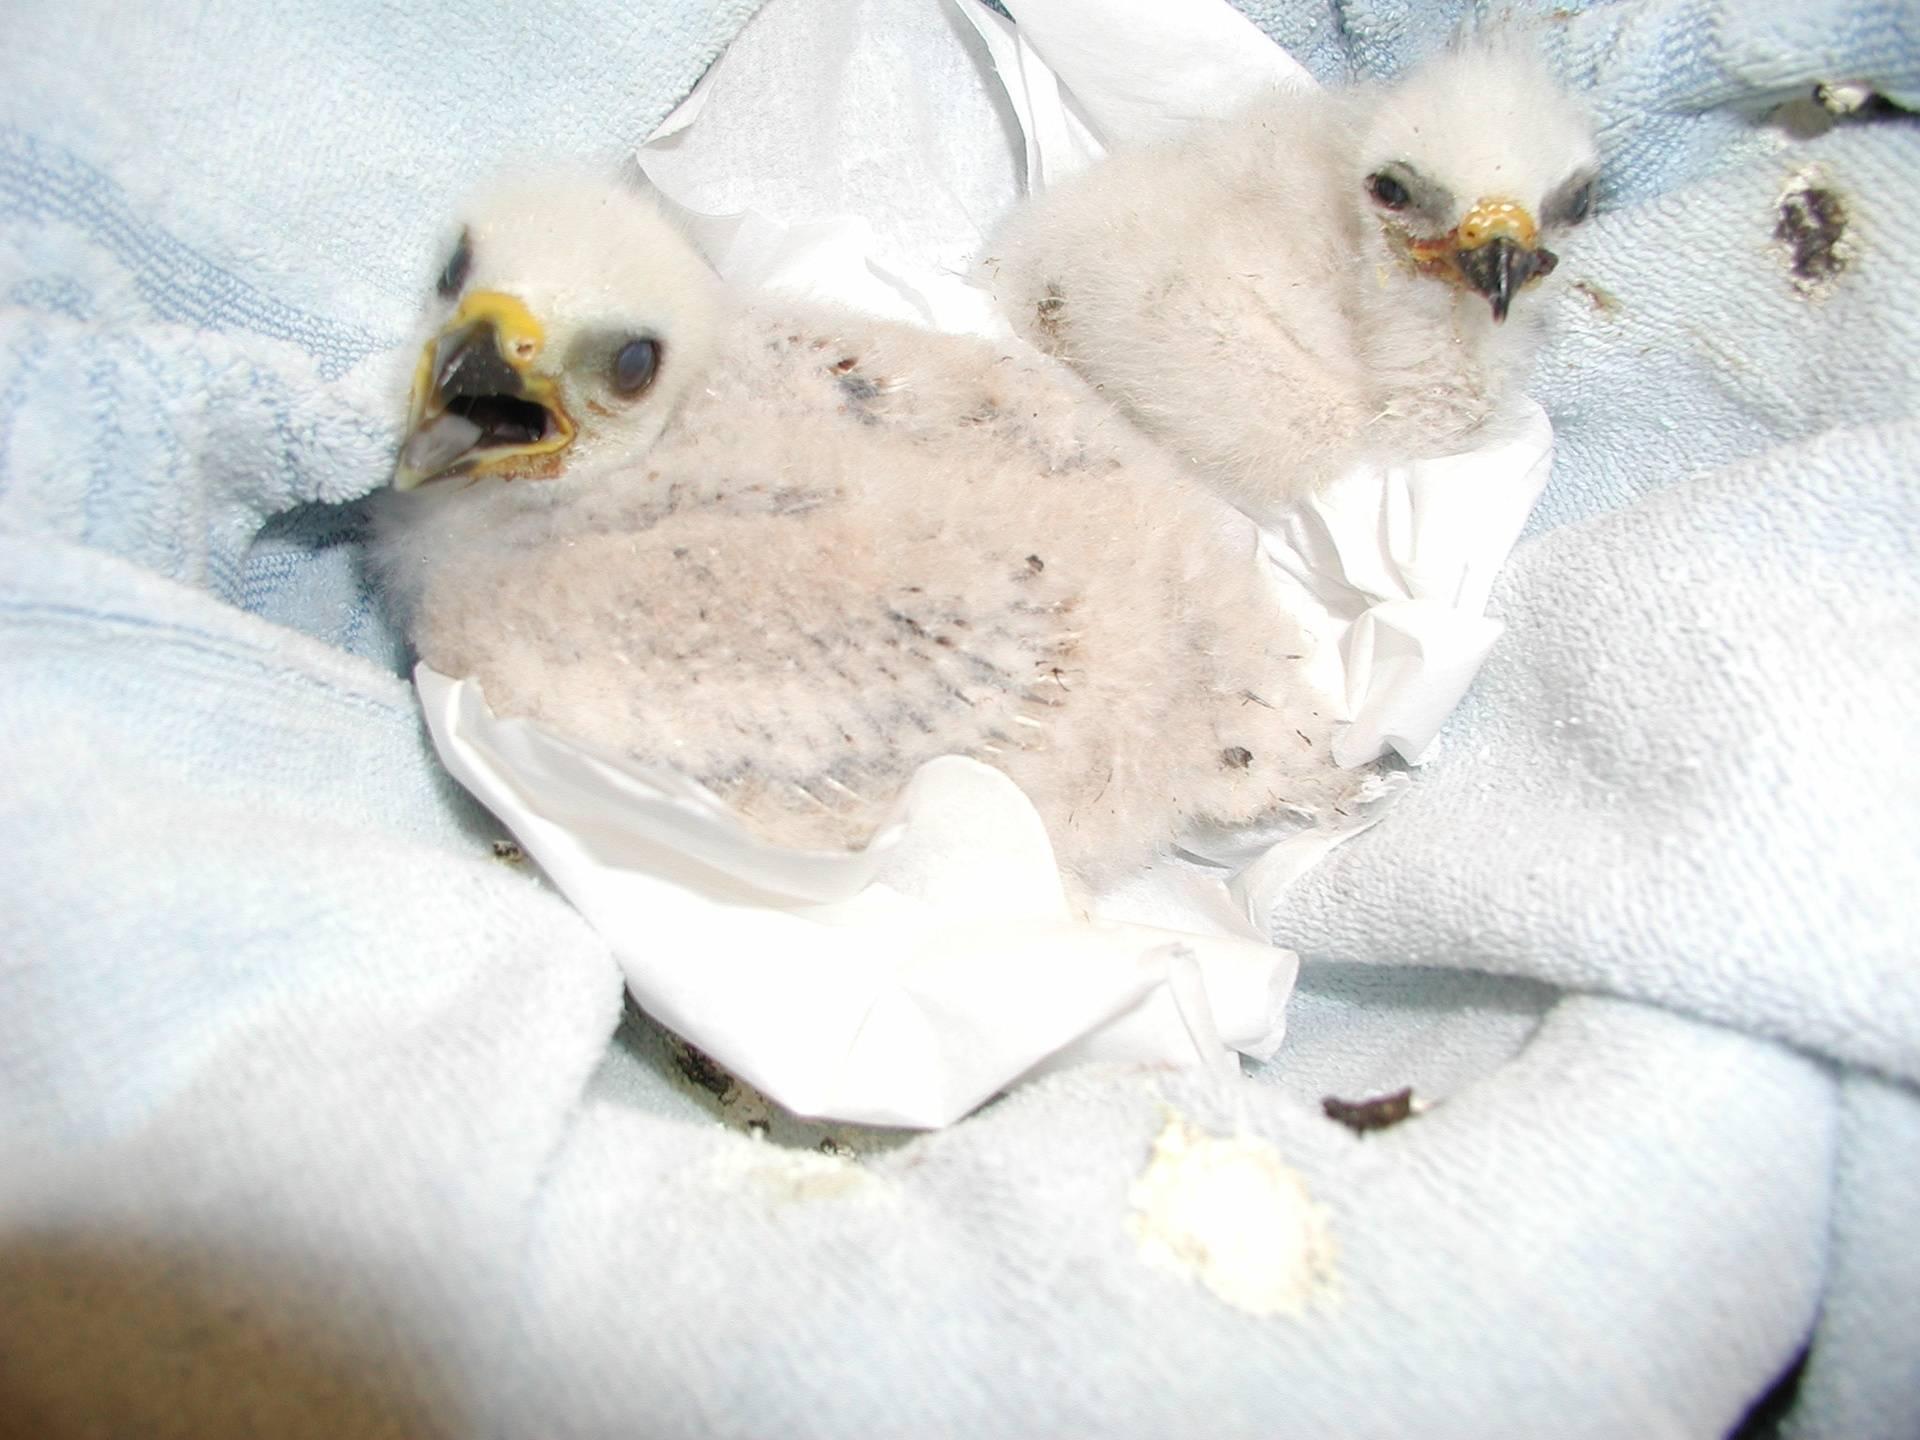 Two Mississippi Kite chicks